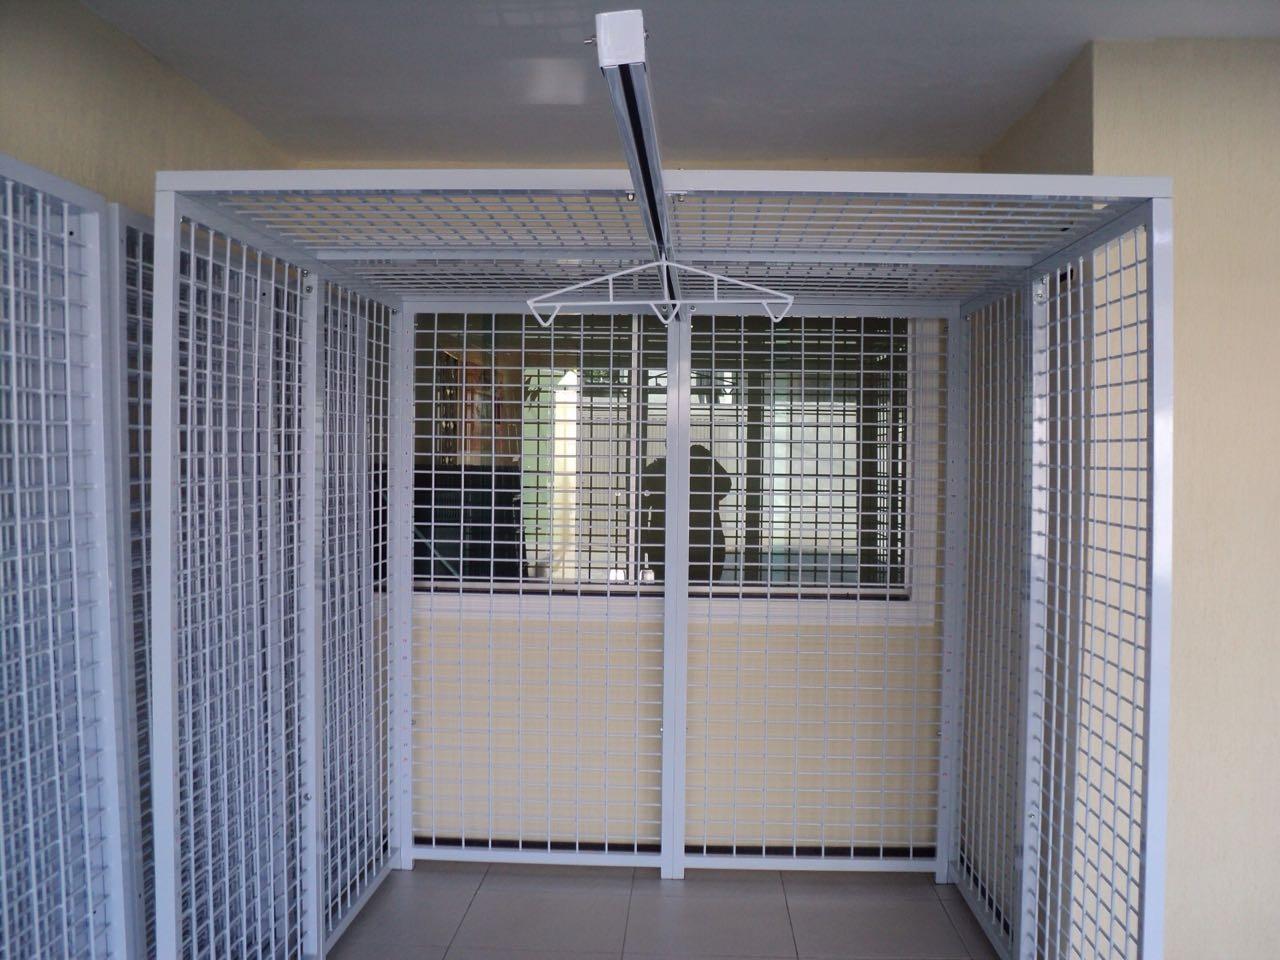 unidade de exercicio - gaiola